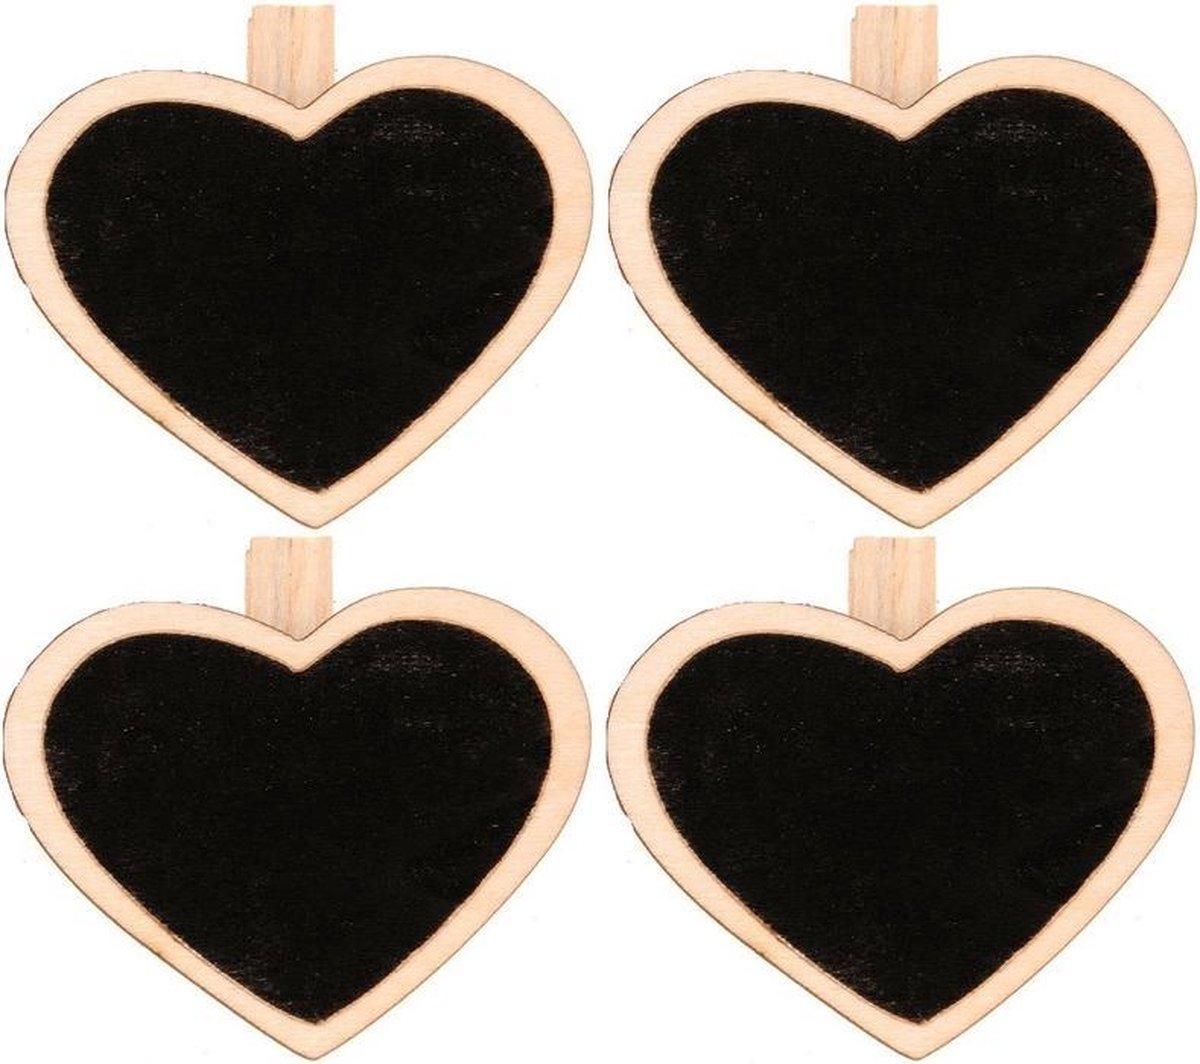 Merkloos / Sans marque 32x stuks Houten mini krijtbordjes/schrijfbordjes/memobordjes/naambordjes hartjes vorm op knijper 5 cm online kopen